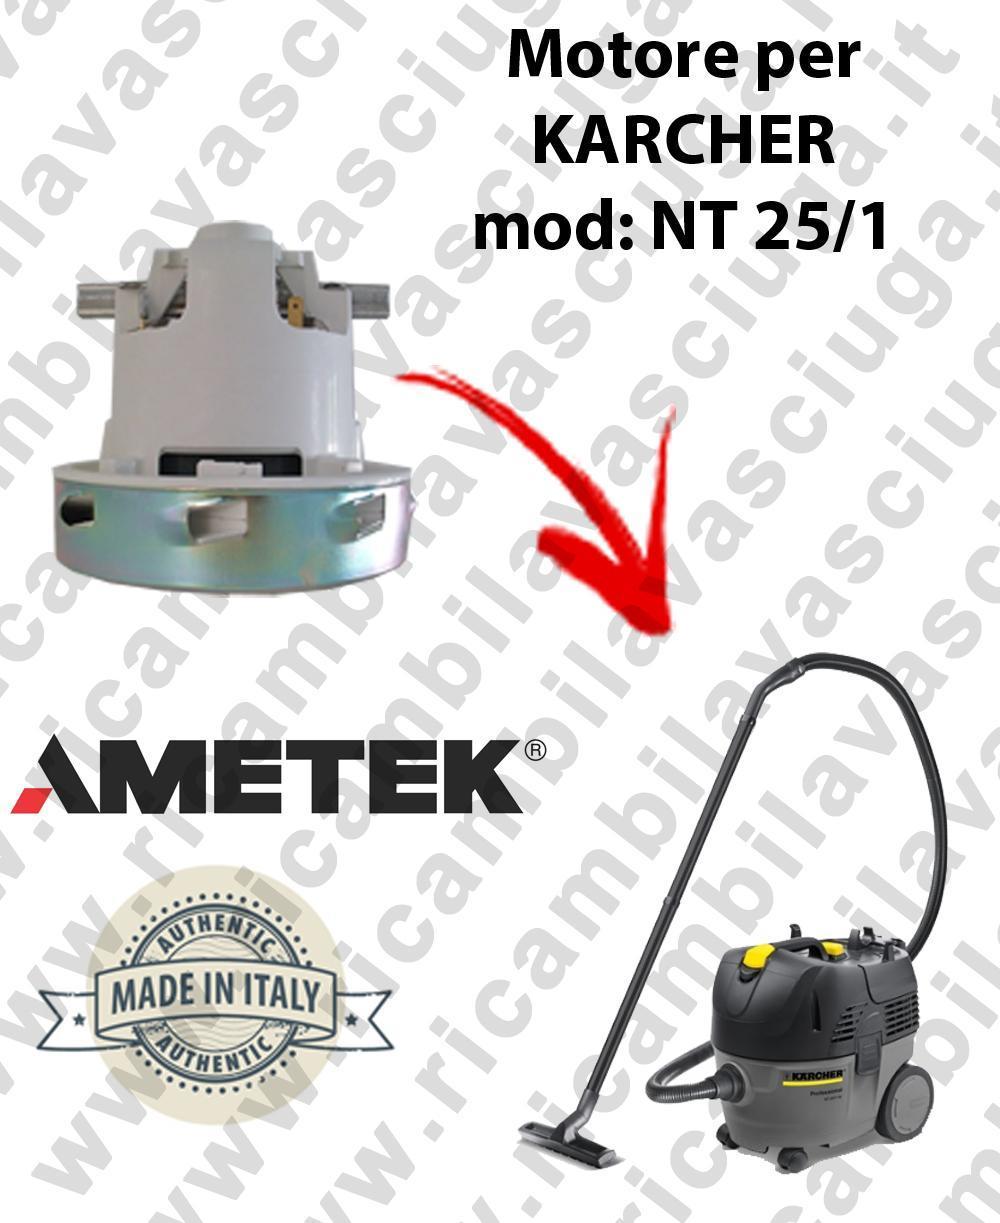 NT 25/1  Motore de aspiración AMETEK  para aspiradora KARCHER